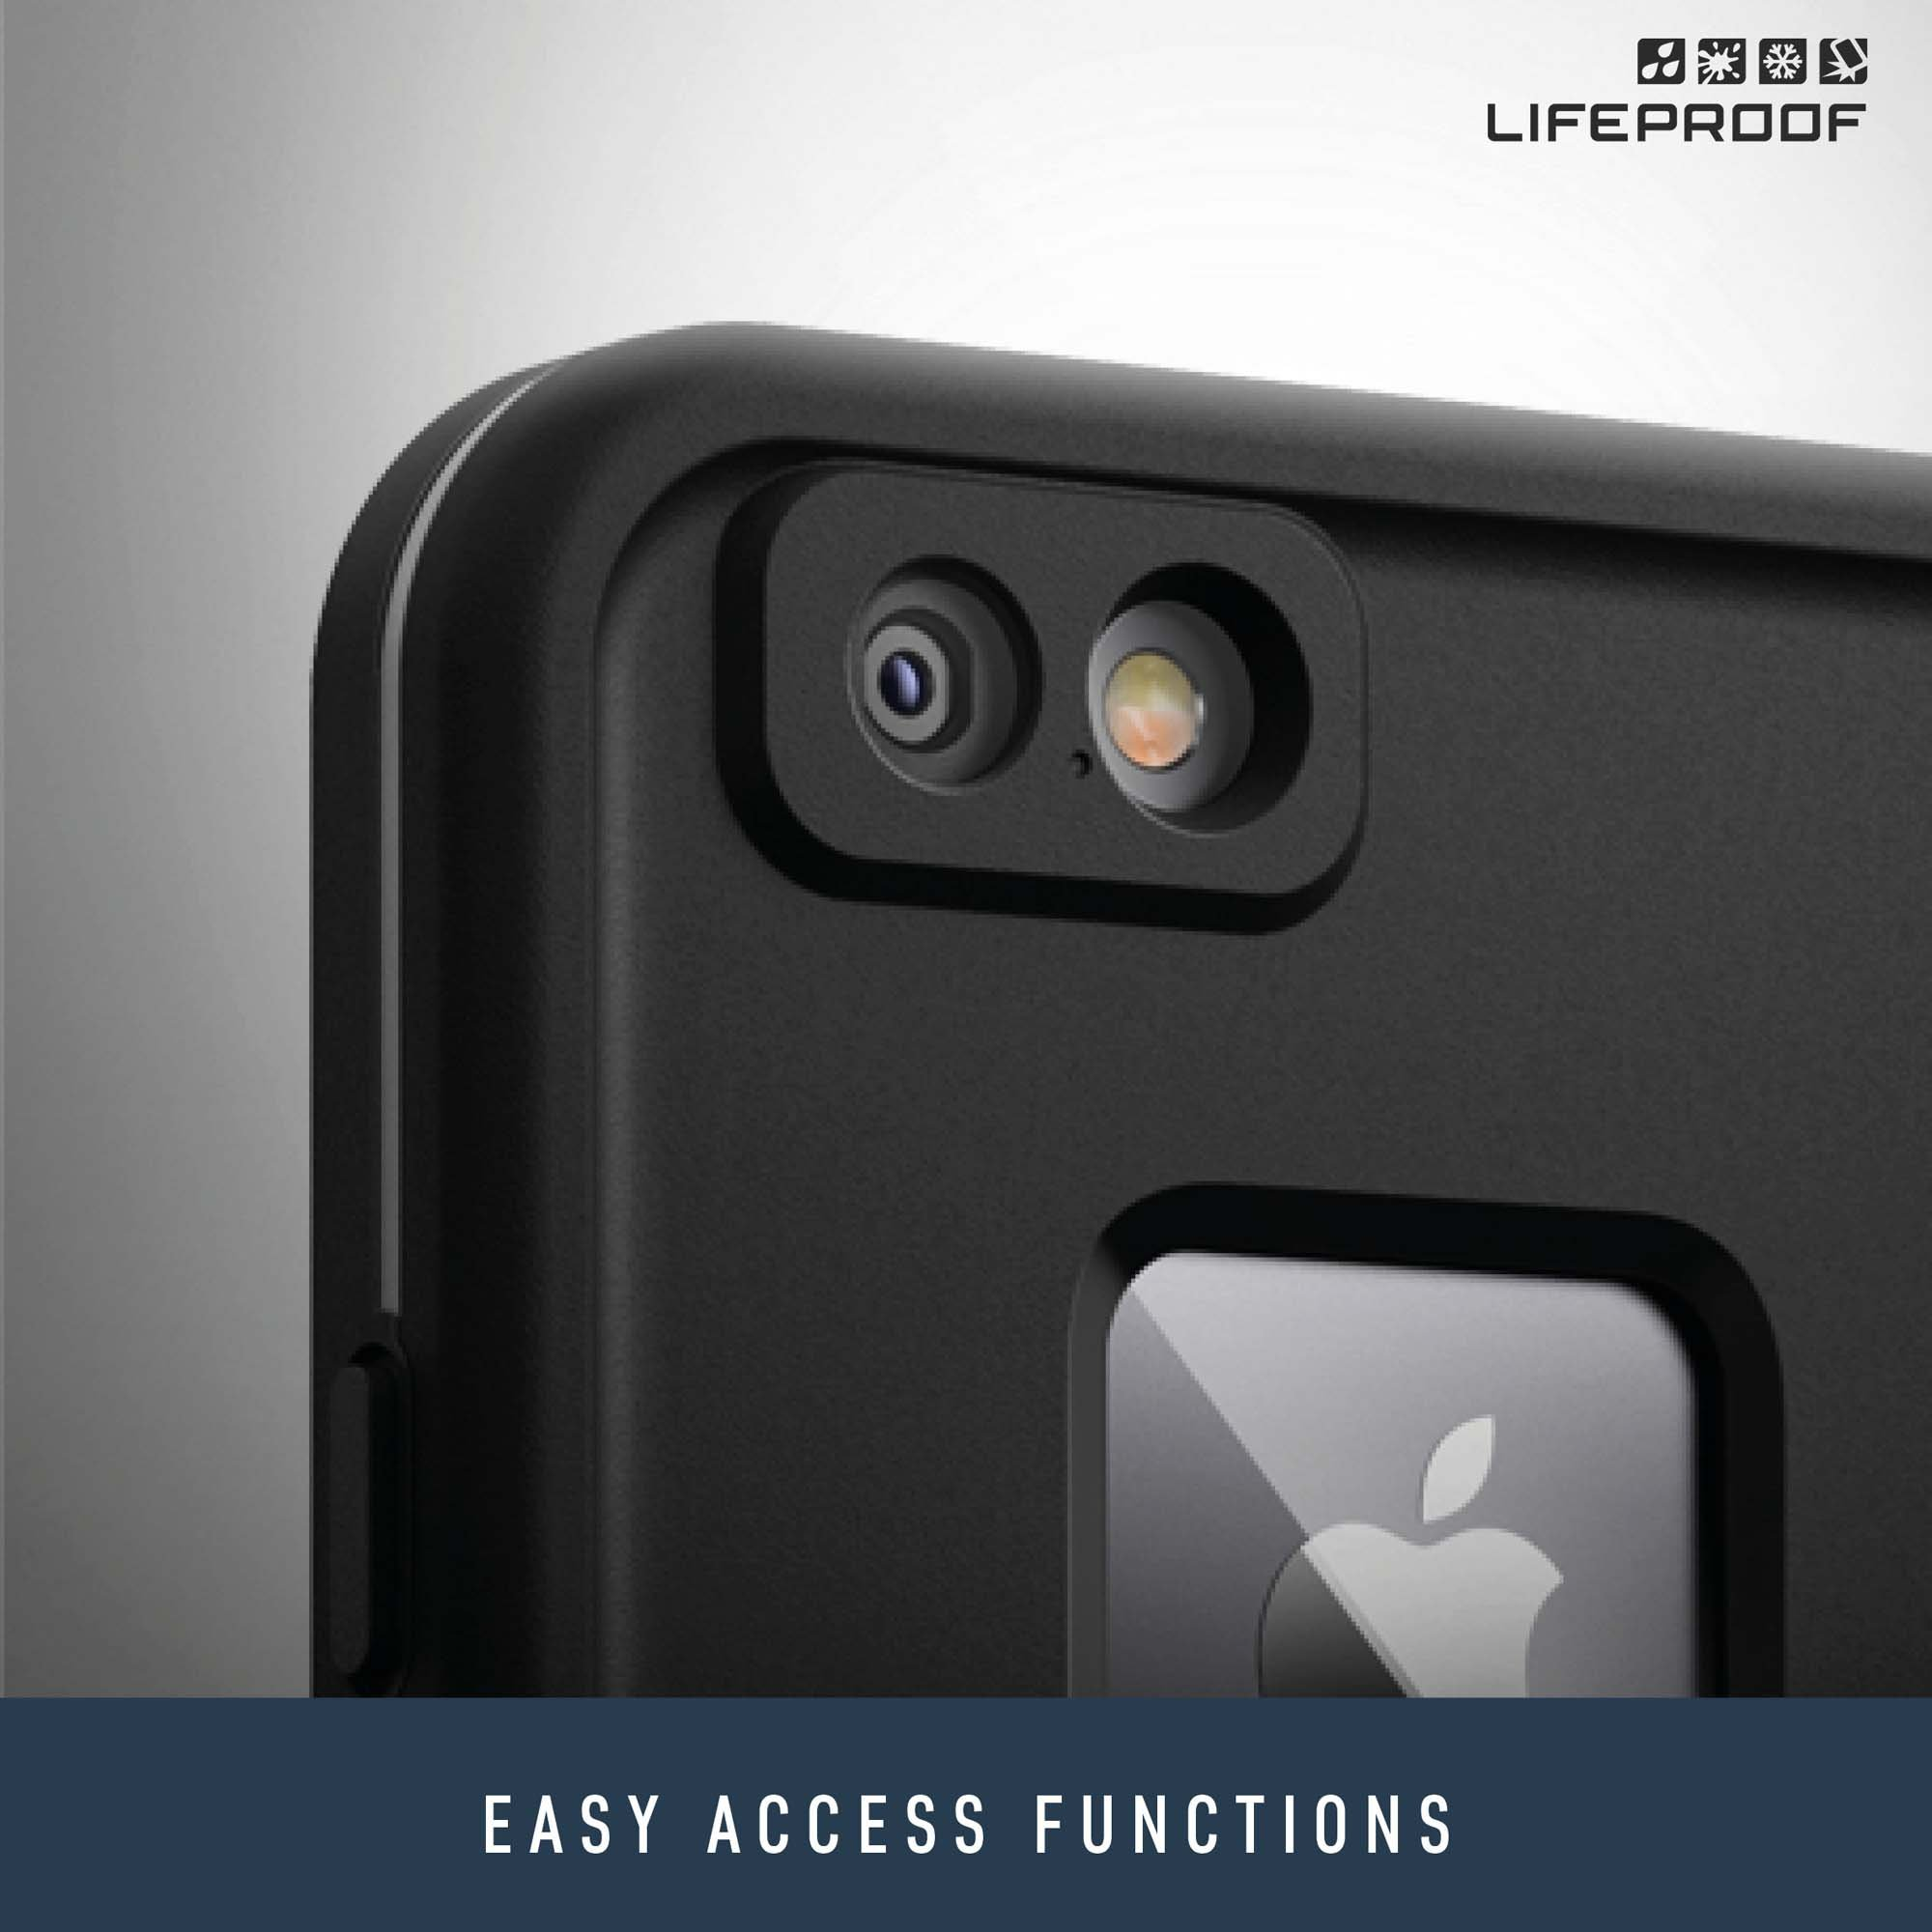 Lifeproof FRĒ SERIES iPhone 6/6s Waterproof Case (4.7'' Version) - Retail Packaging - BANZAI (COWABUNGA/WAVE CRASH/LONGBOARD) by LifeProof (Image #8)